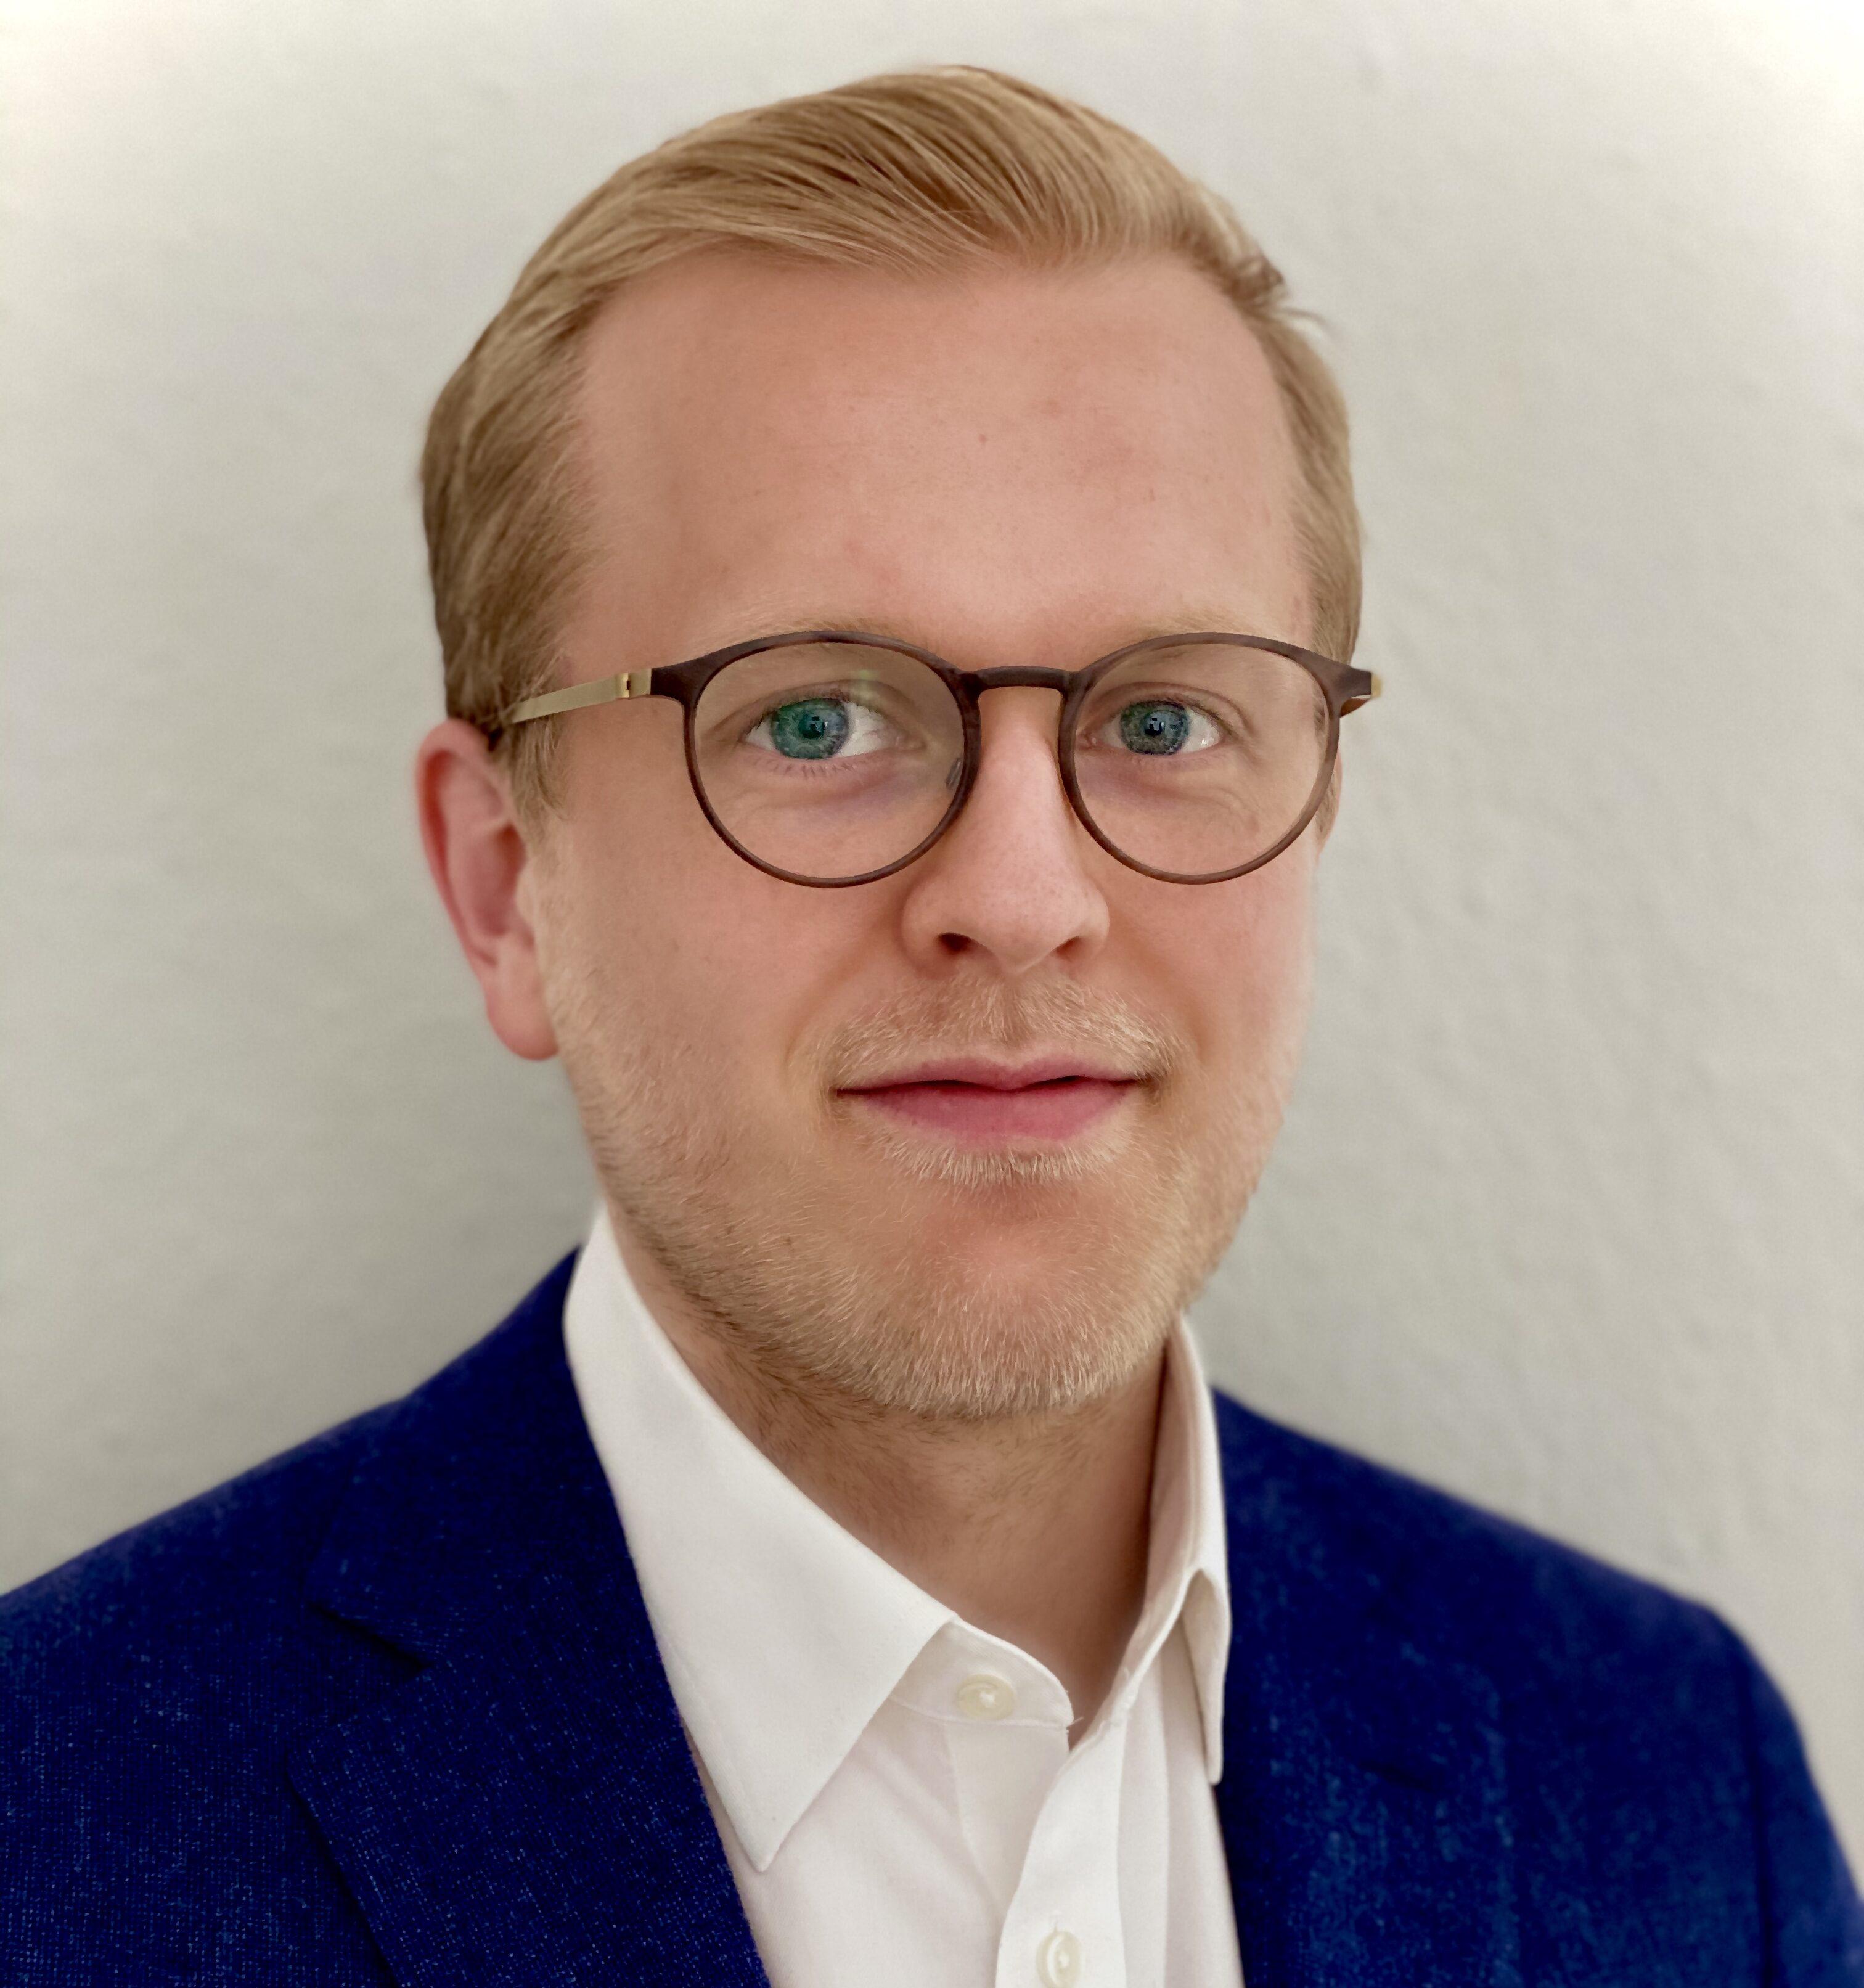 Hans Christian Schmitz